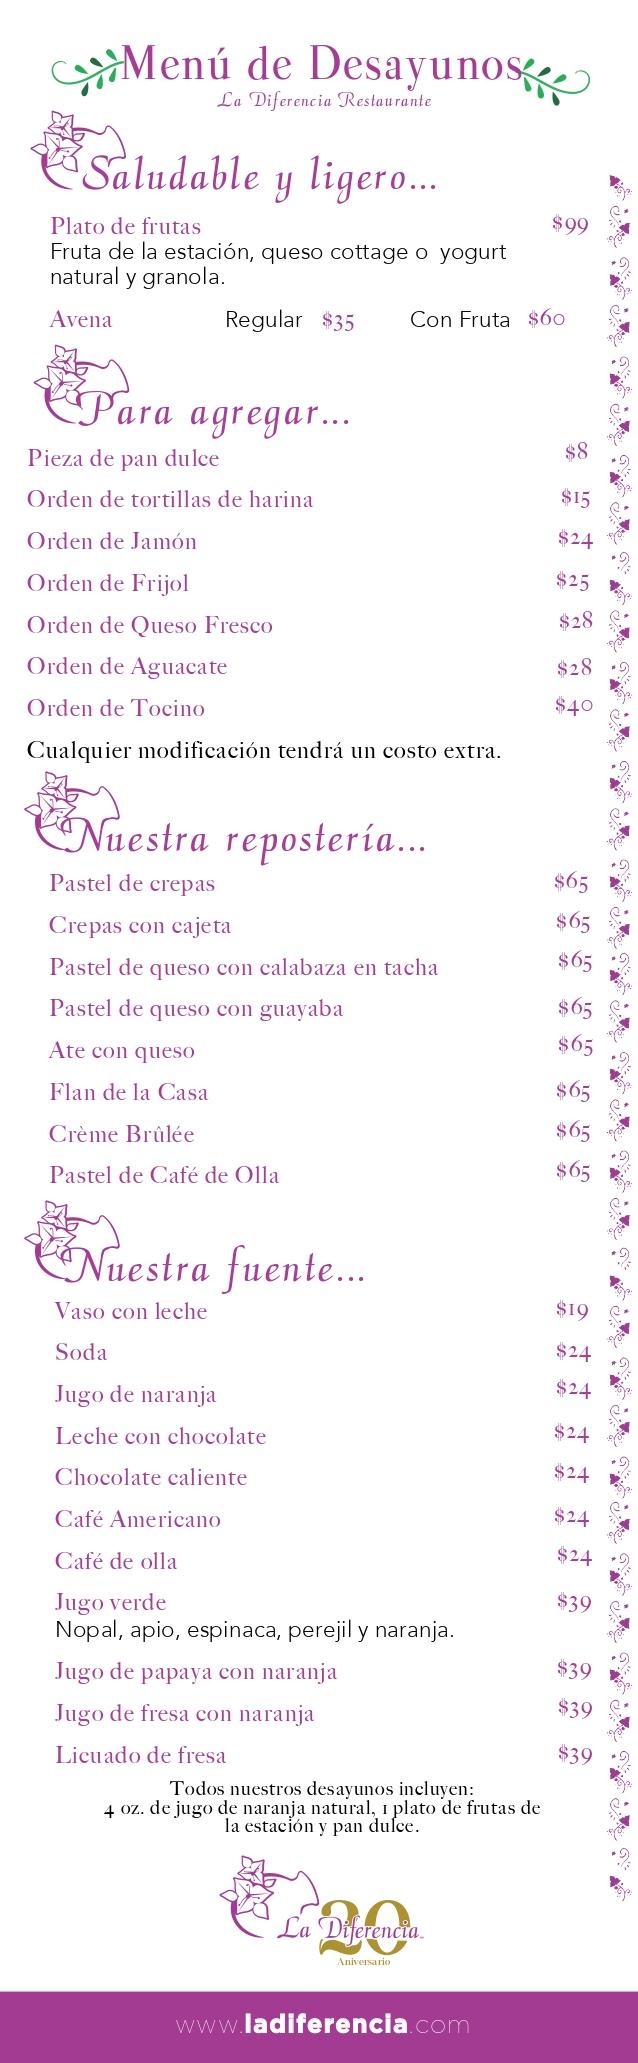 Menú-desayunos_La-Diferencia_2020_pages-to-jpg-0004